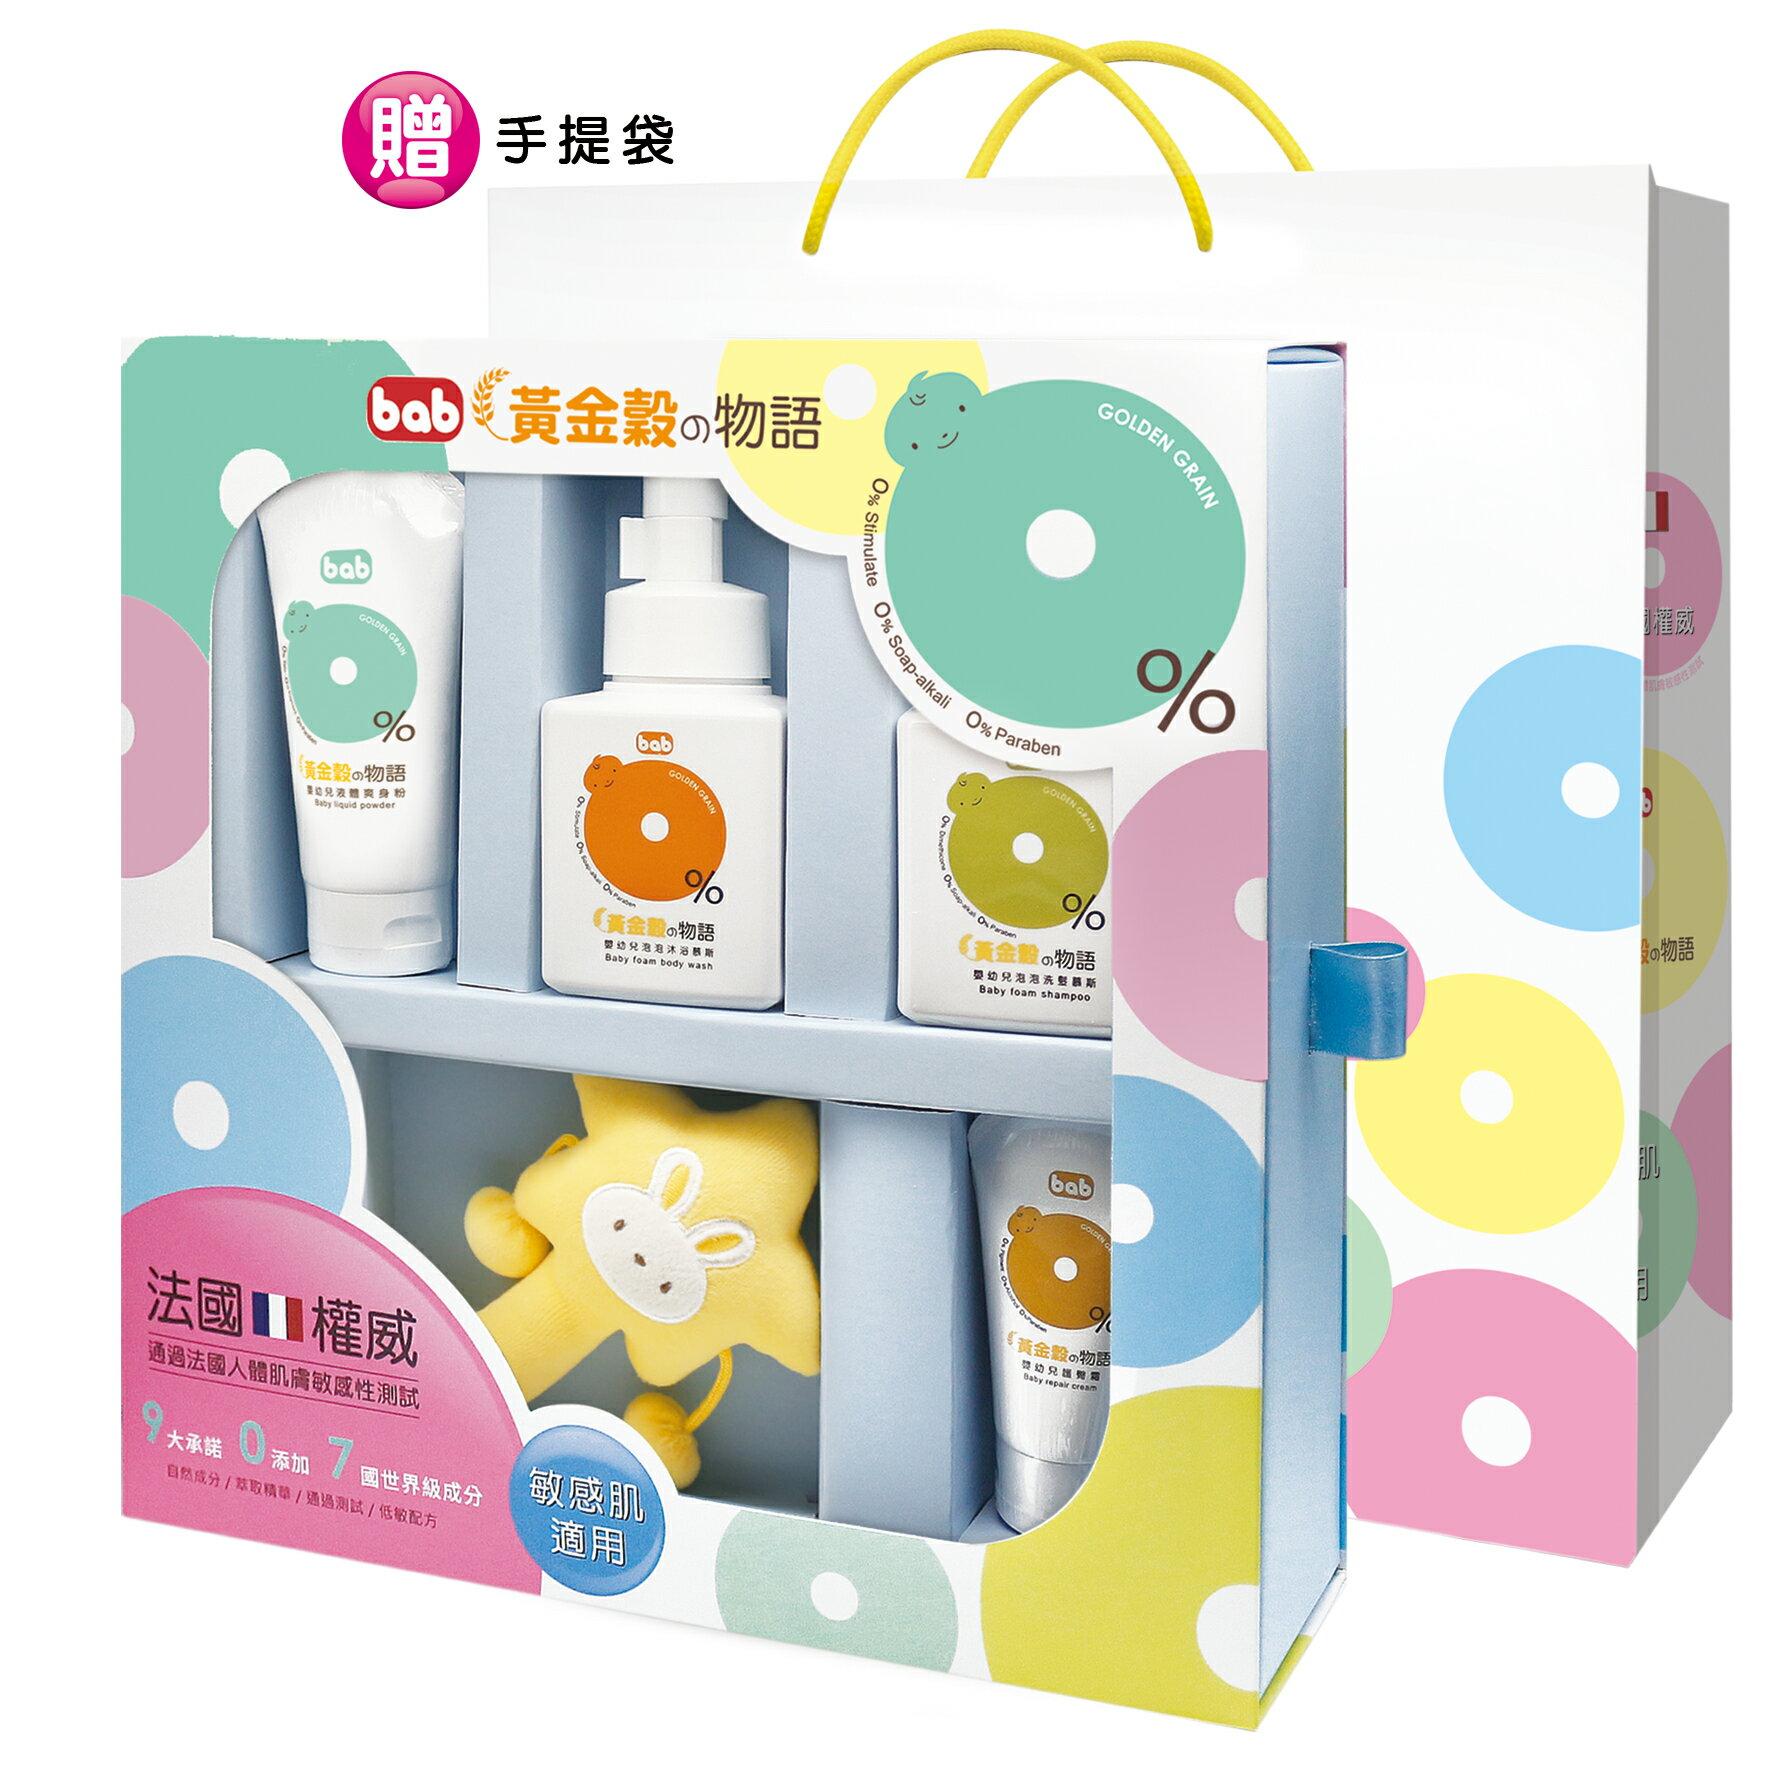 【培寶】黃金穀物寶寶洗護禮盒五件組(好窩生活節) - 限時優惠好康折扣